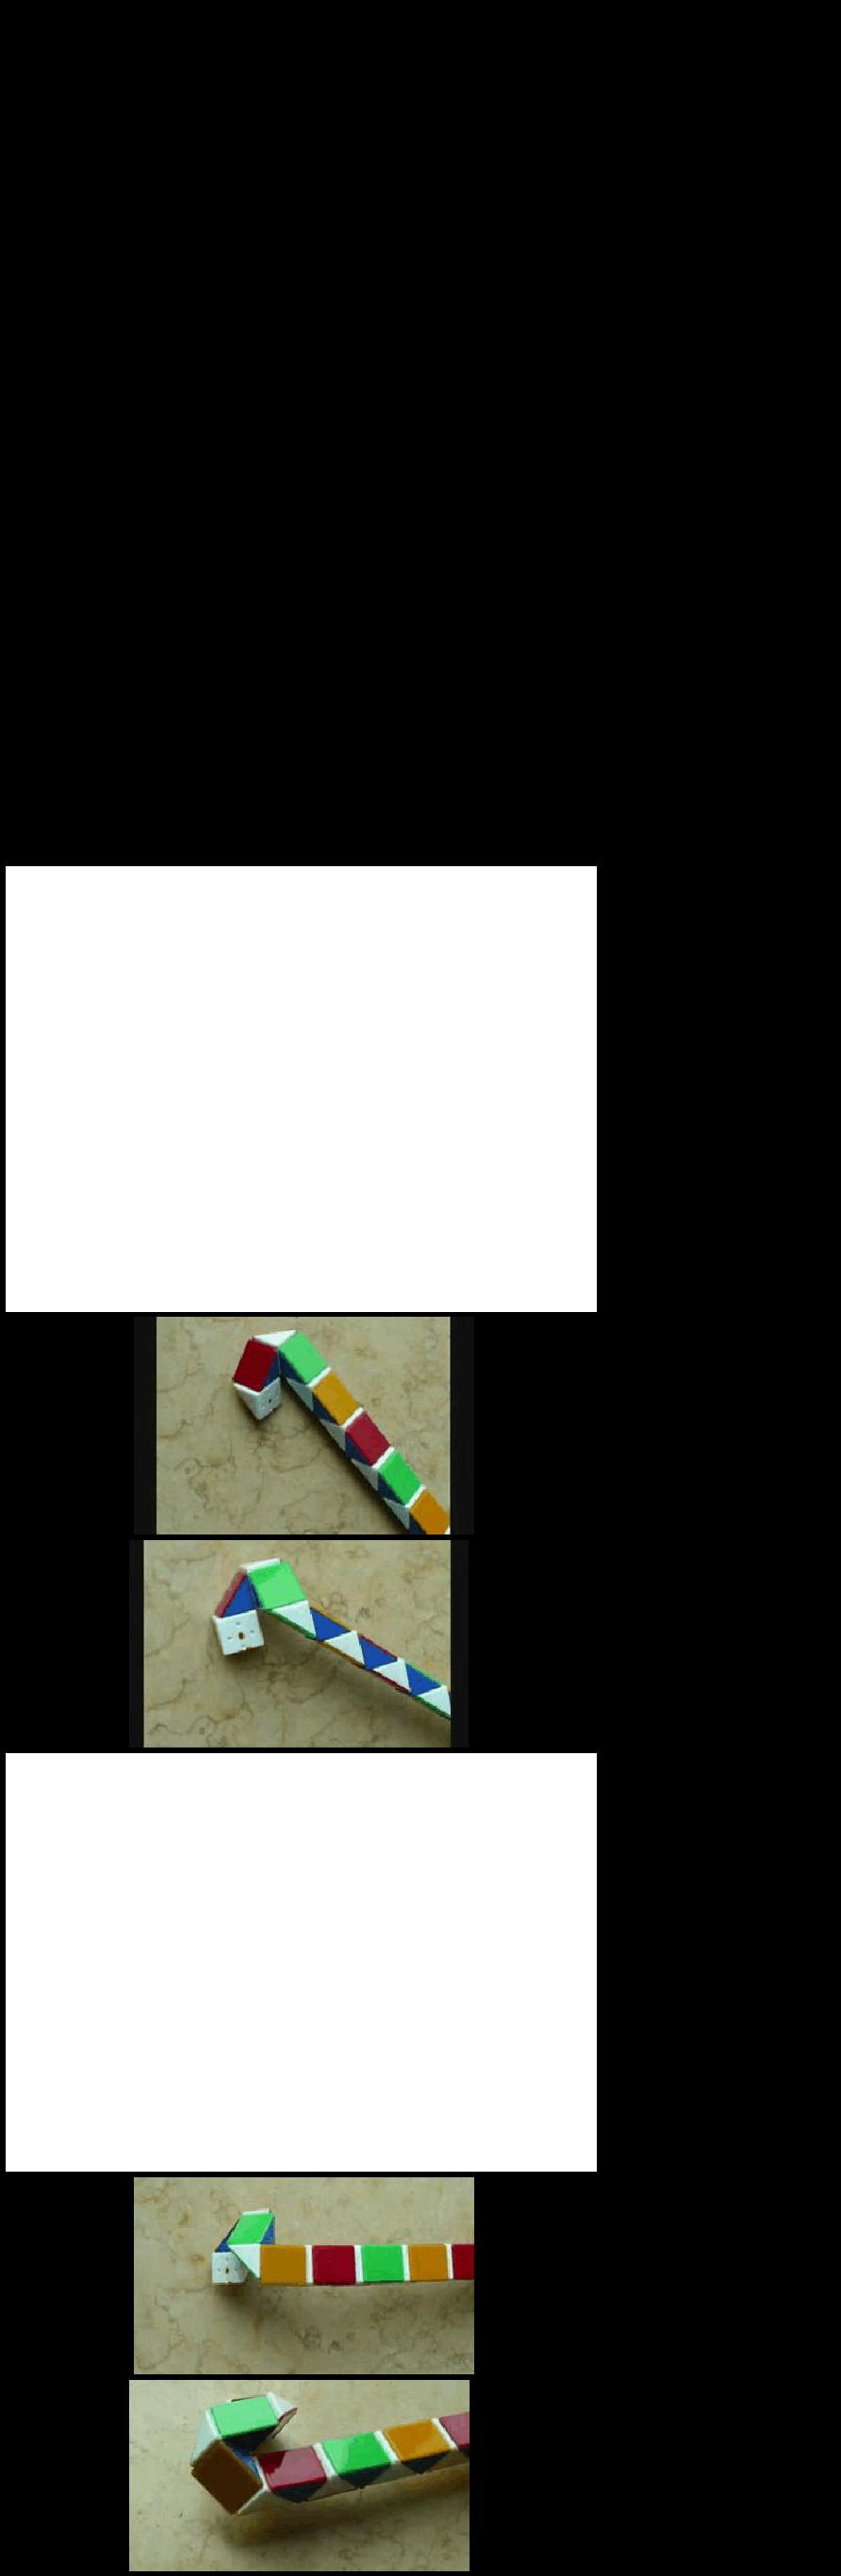 魔条的玩法图解_怎么用48段魔尺做双子球球解图_百度知道